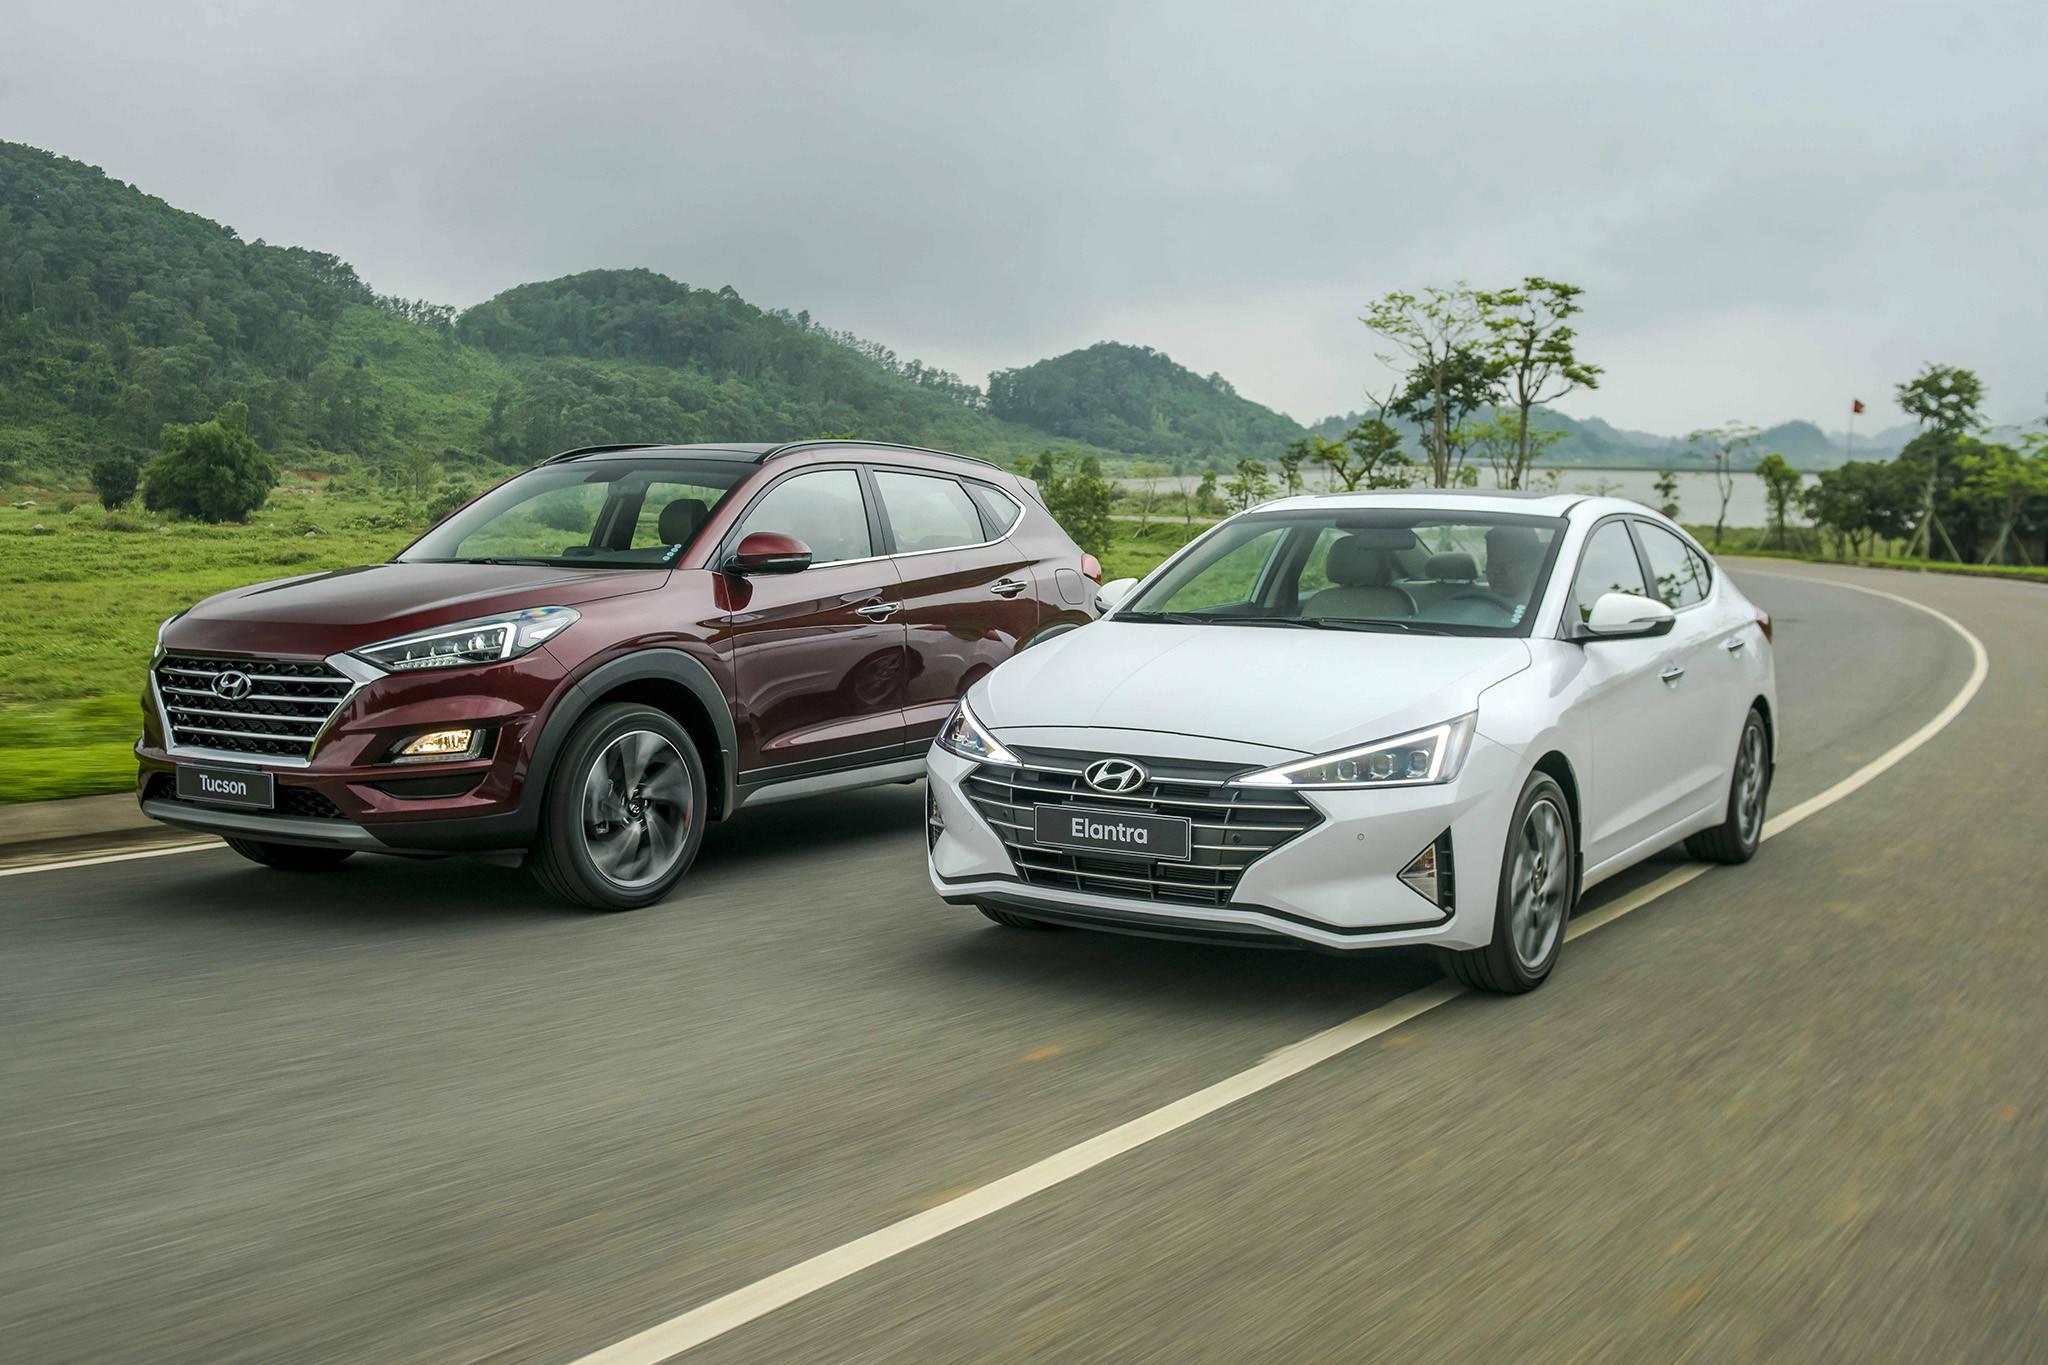 Thị trường xe - 5 tháng đầu 2019, Hyundai Thành Công bán xấp xỉ 30.000 xe (Hình 2).